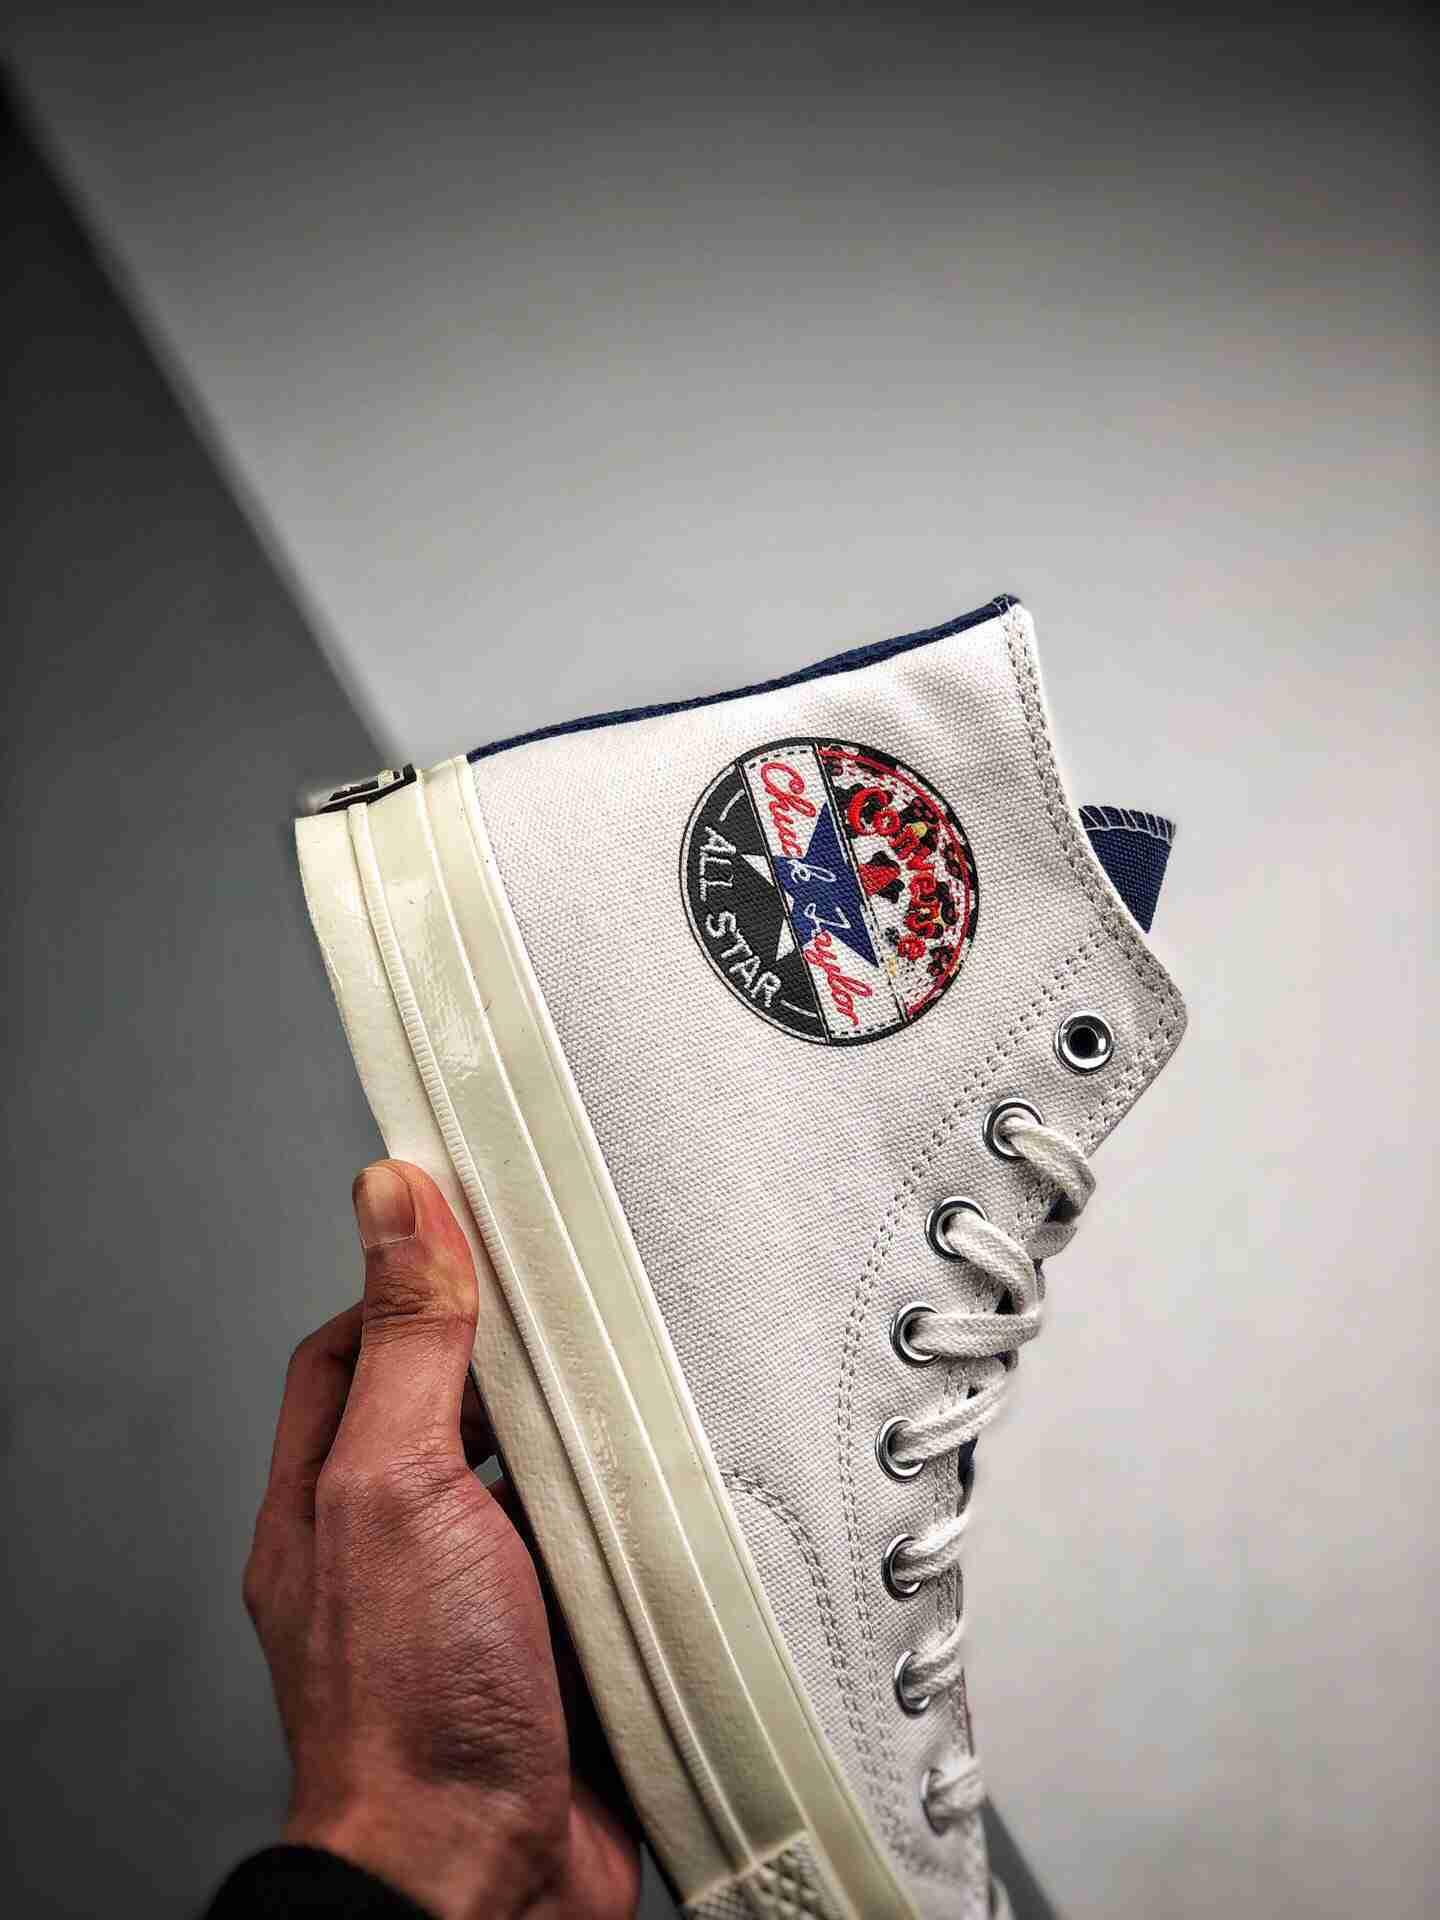 Converse Chuck 1970s 黑标豹纹 拼接高帮帆布鞋男女板鞋